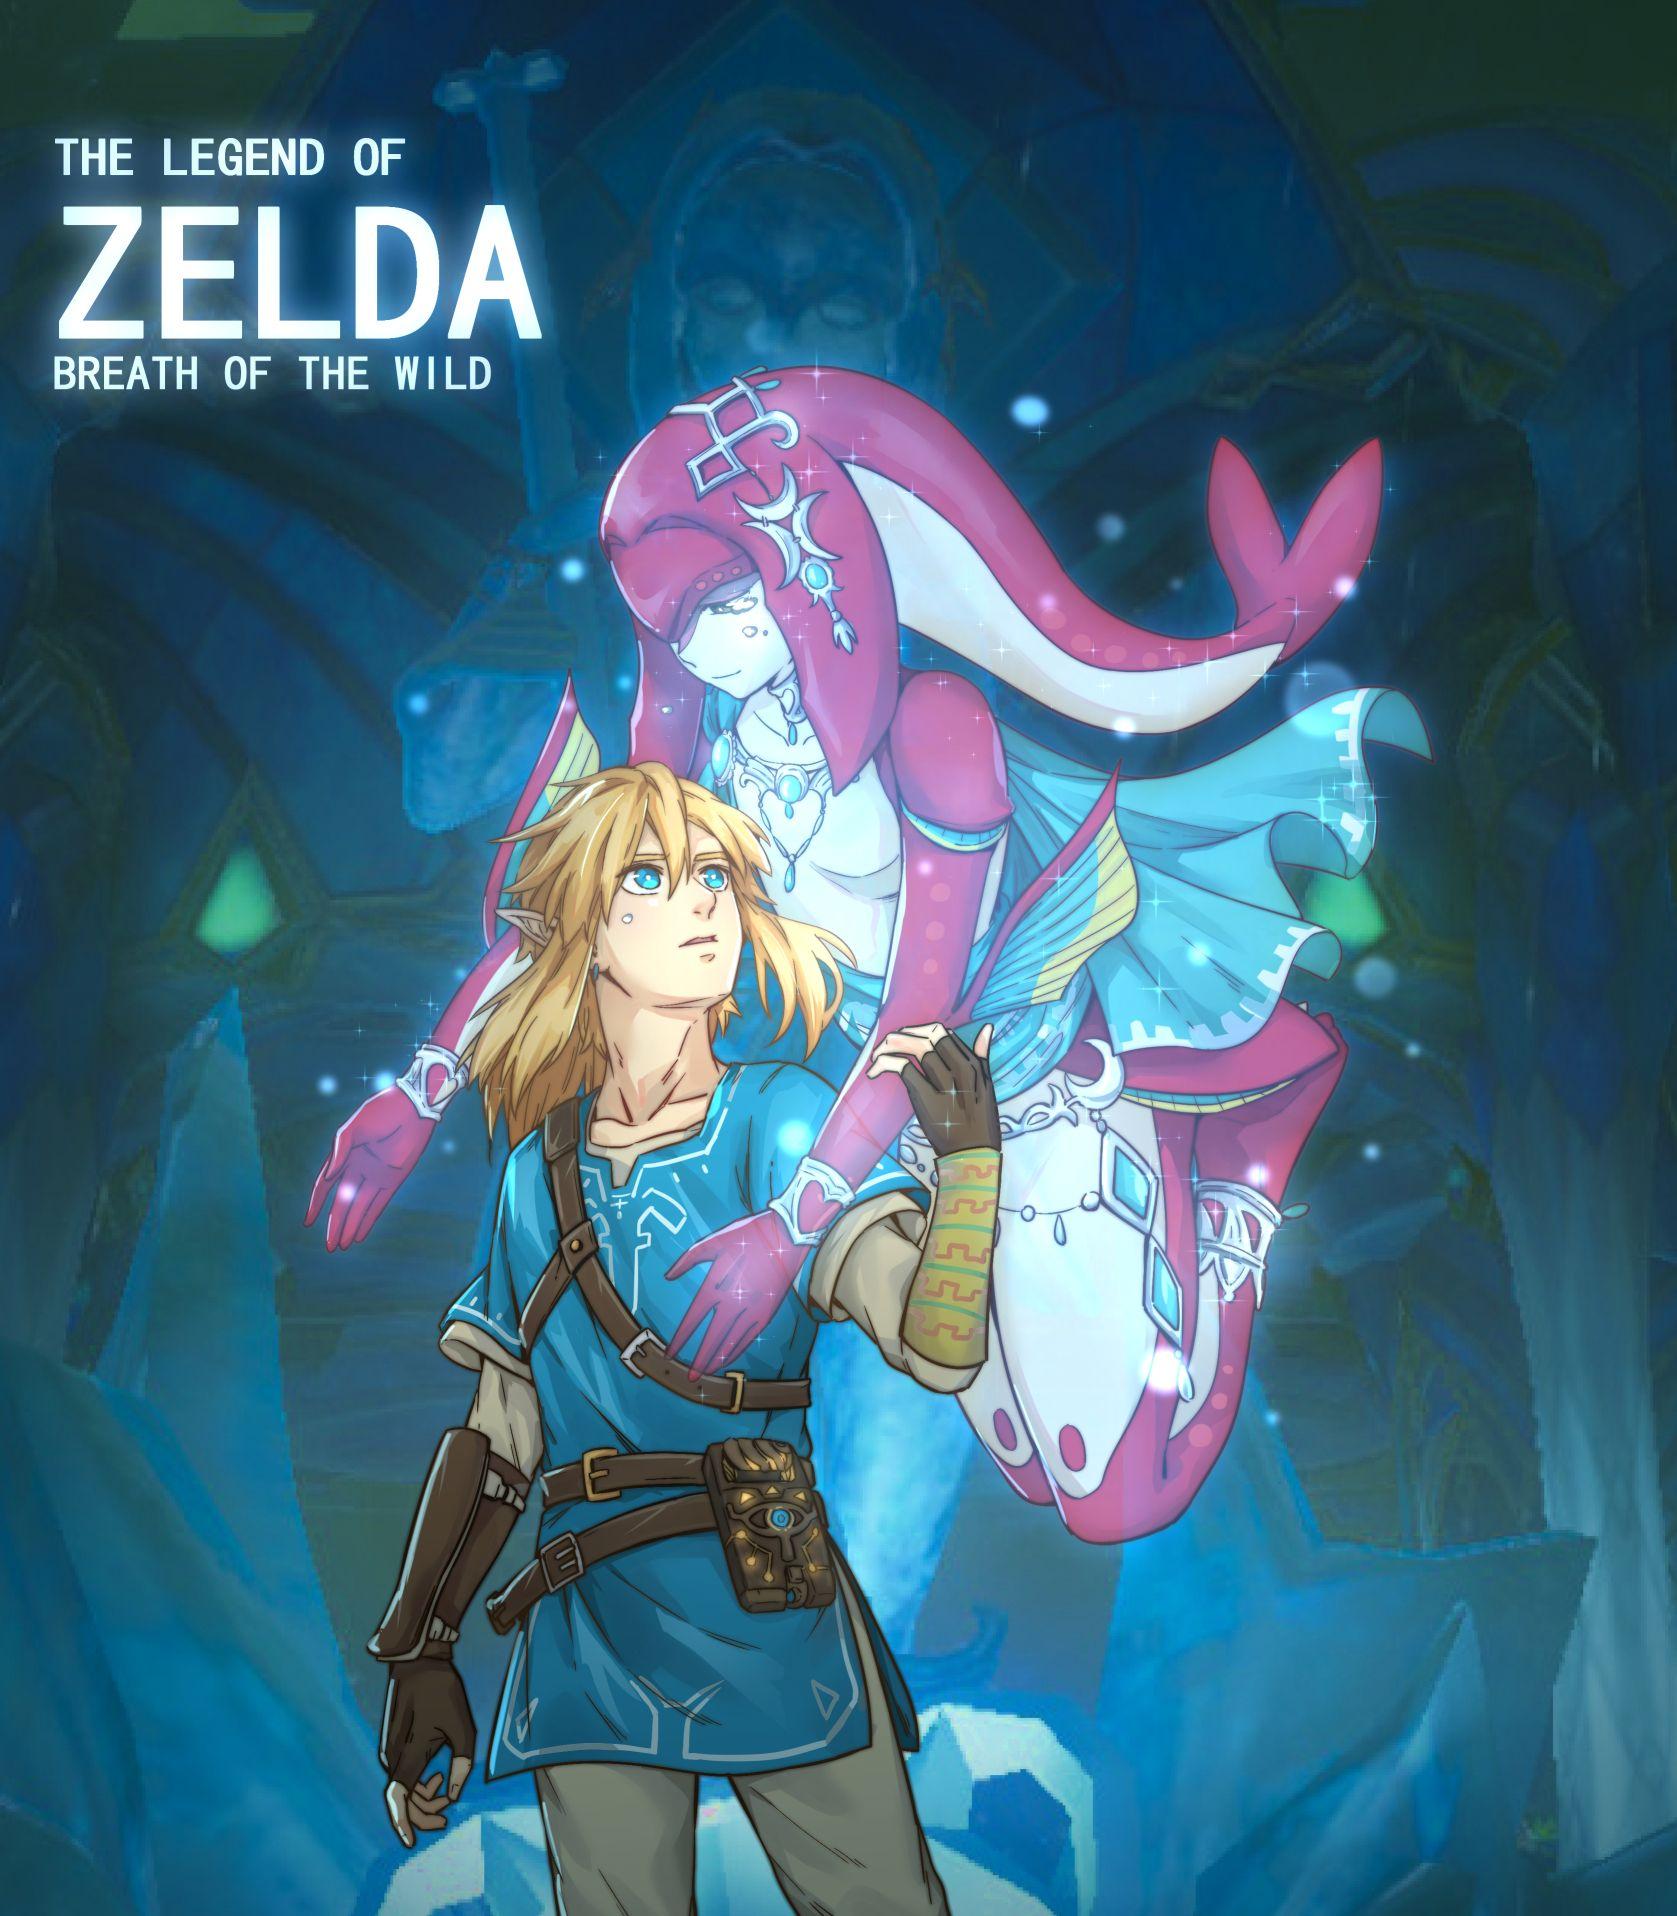 Pin By Diego A Torres On Link Vs Mipha ʃƪ Legend Of Zelda Zelda Hyrule Warriors Legend Of Zelda Breath